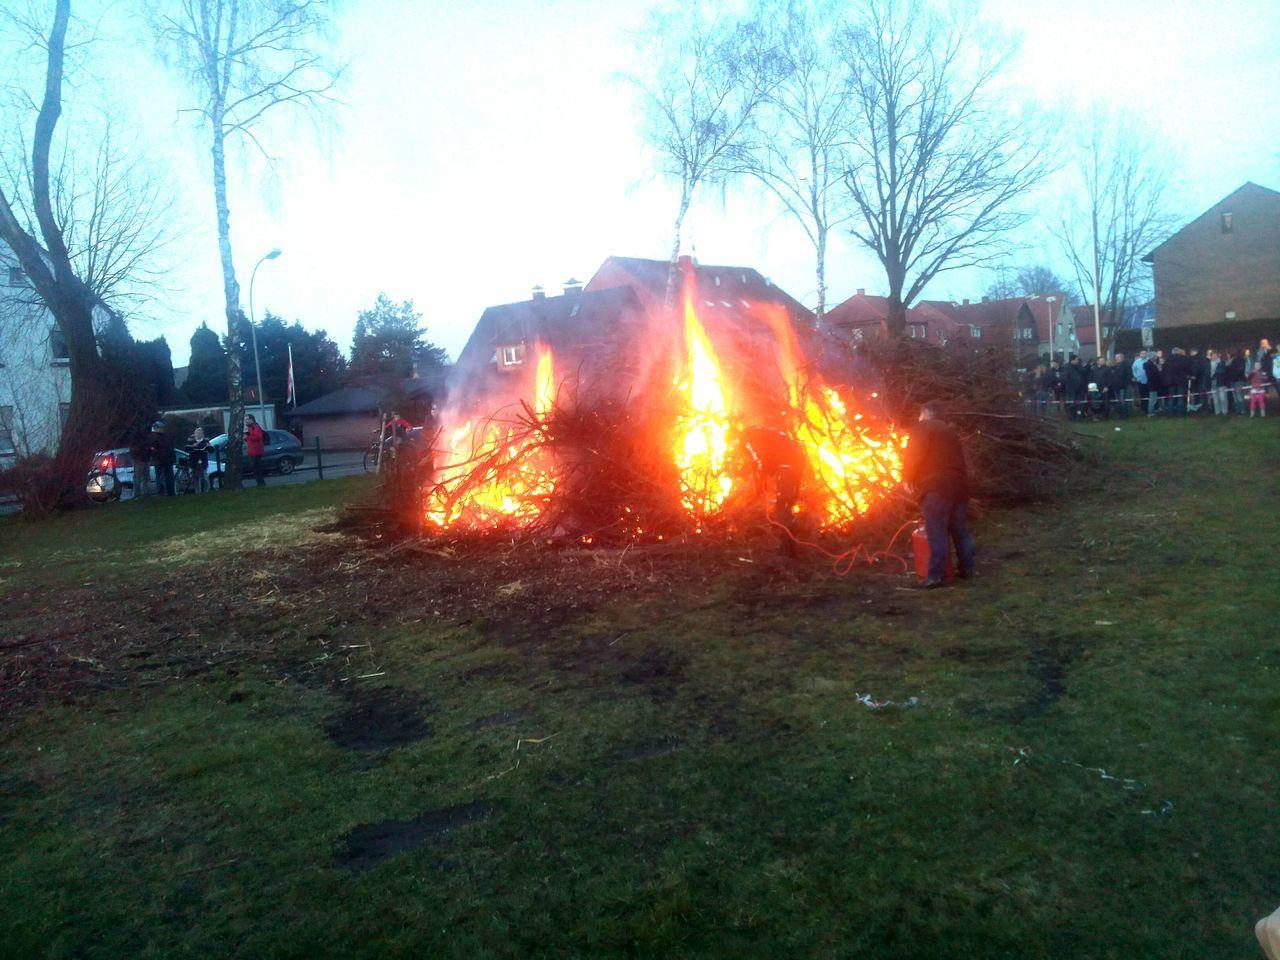 Easter fire in Gronau (Germany/NRW) Gronau North Rhine Westfalia Easter Easter Fire Easter Fire In Gronau 2016 Gronauwestfalen Gronau (Germany)